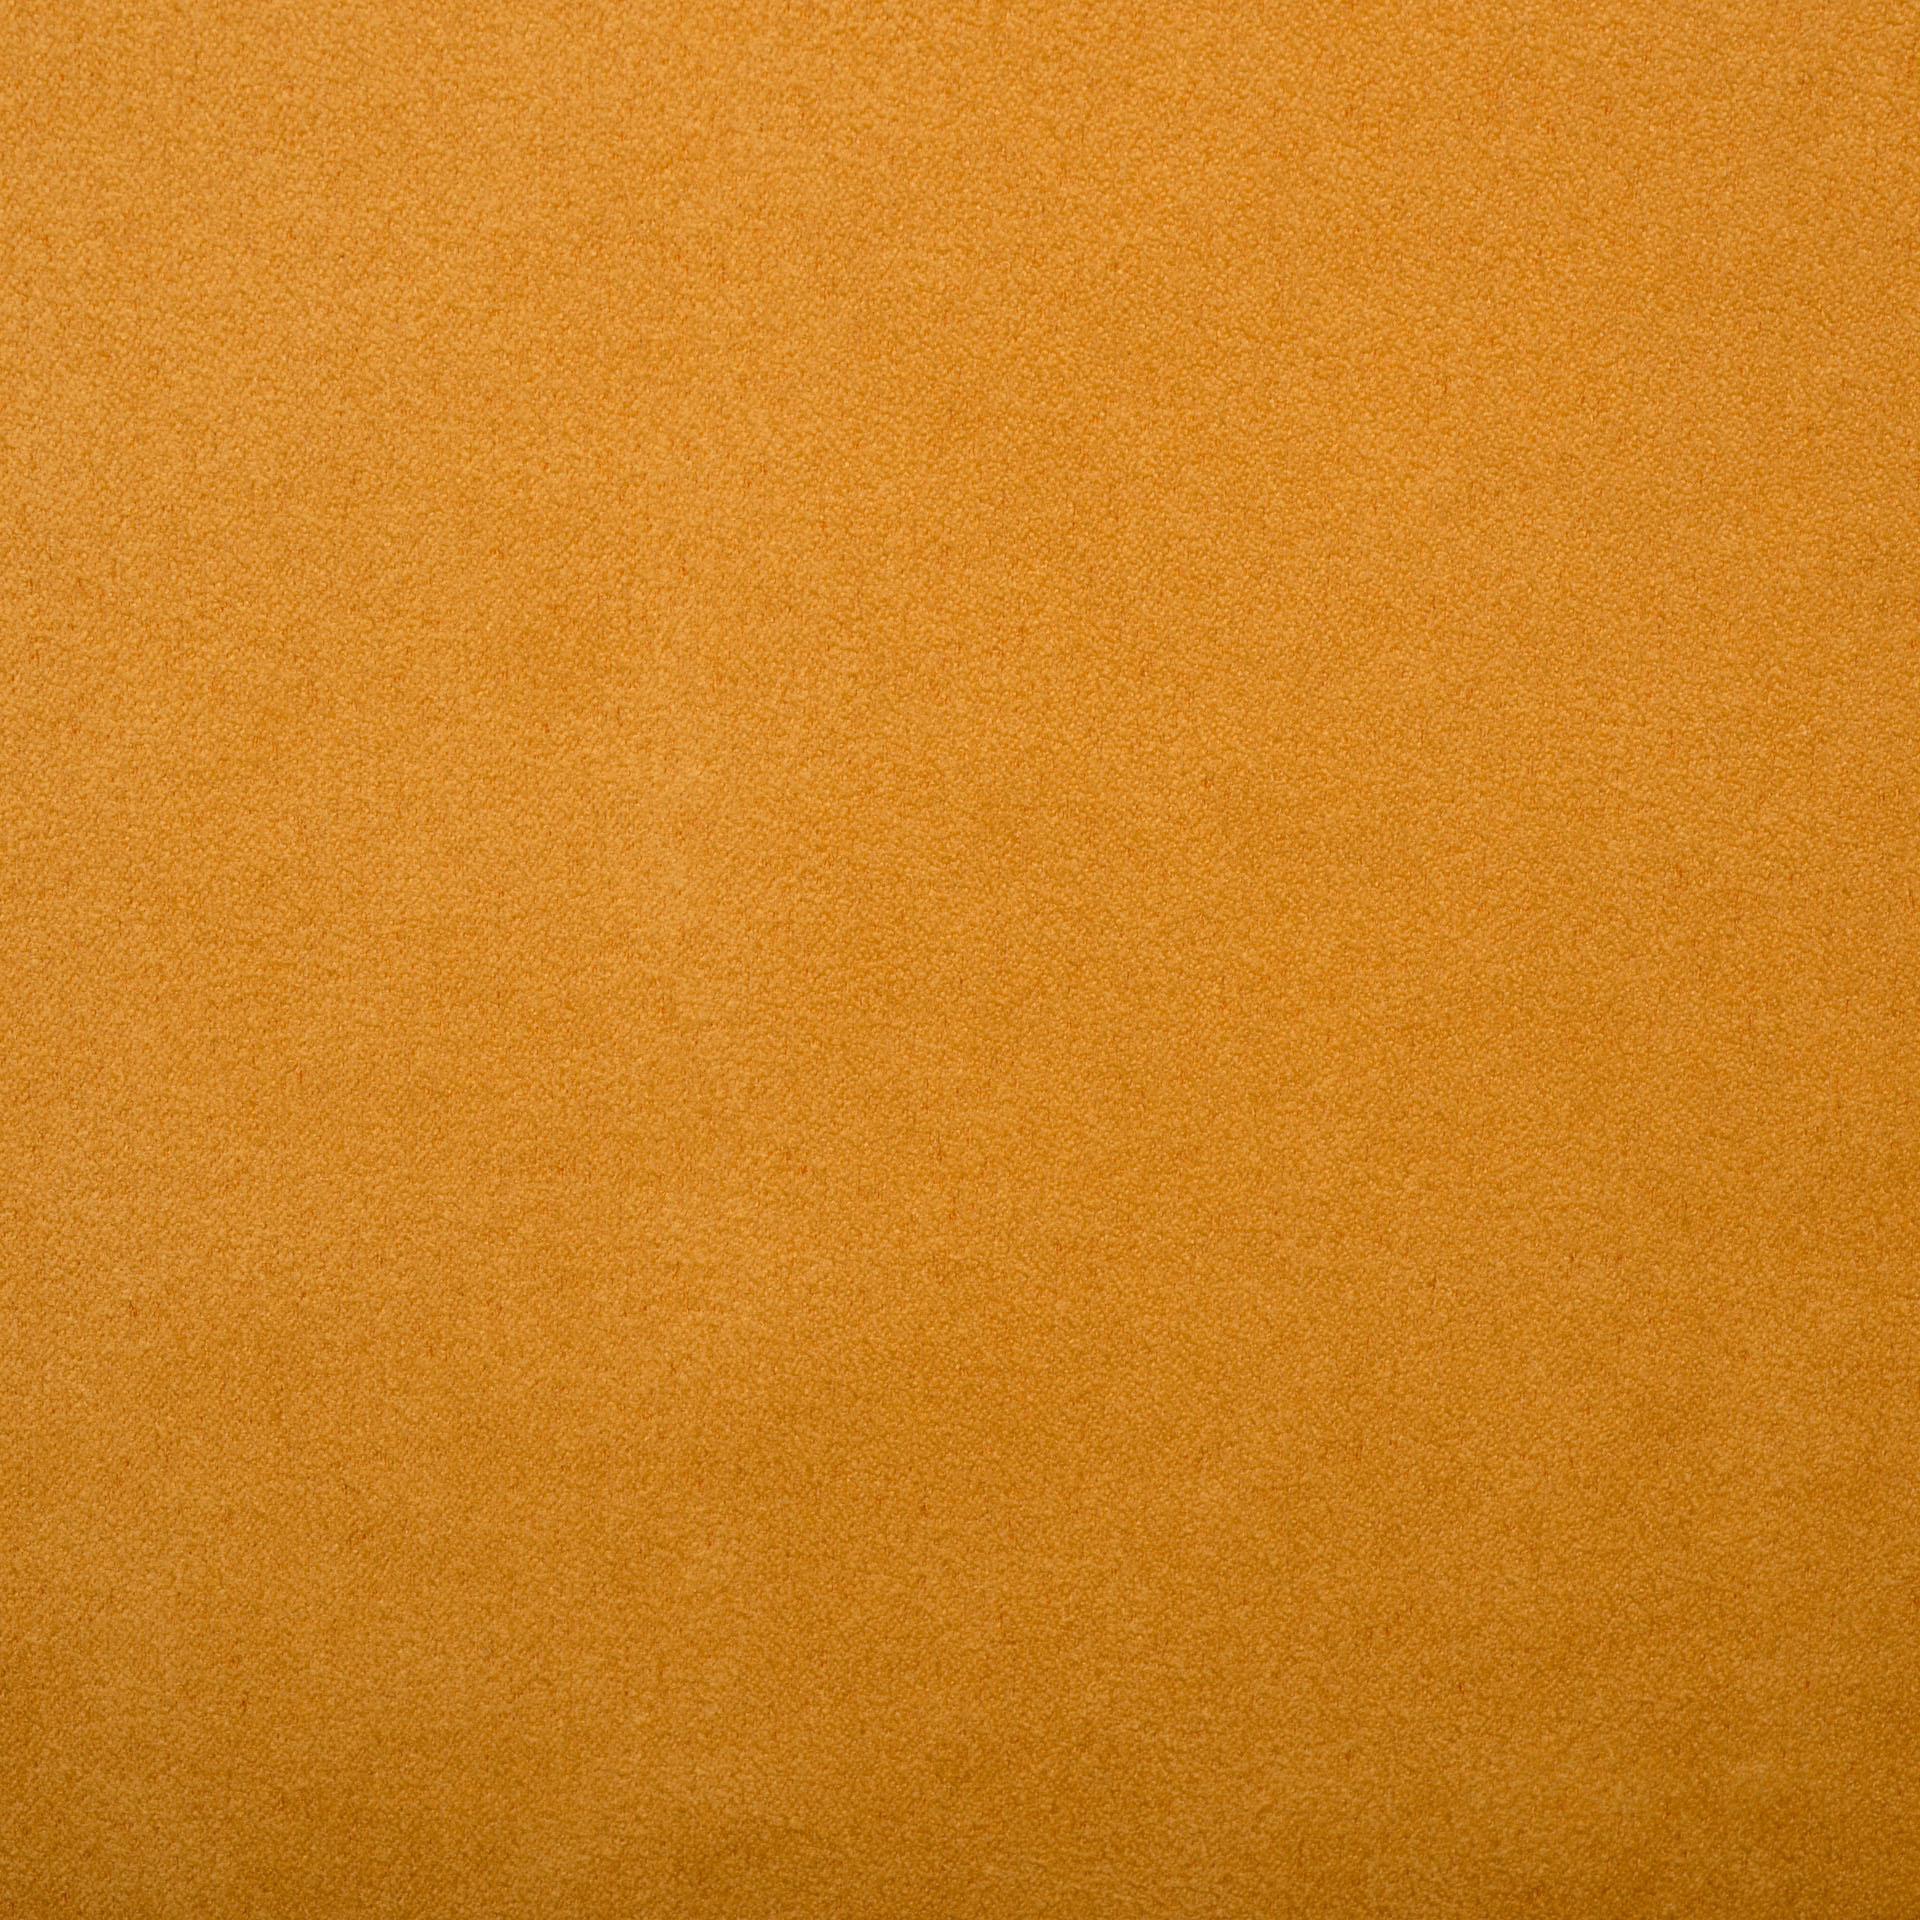 Коллекция ткани Бонд ORANGE 09,  купить ткань Велюр для мебели Украина